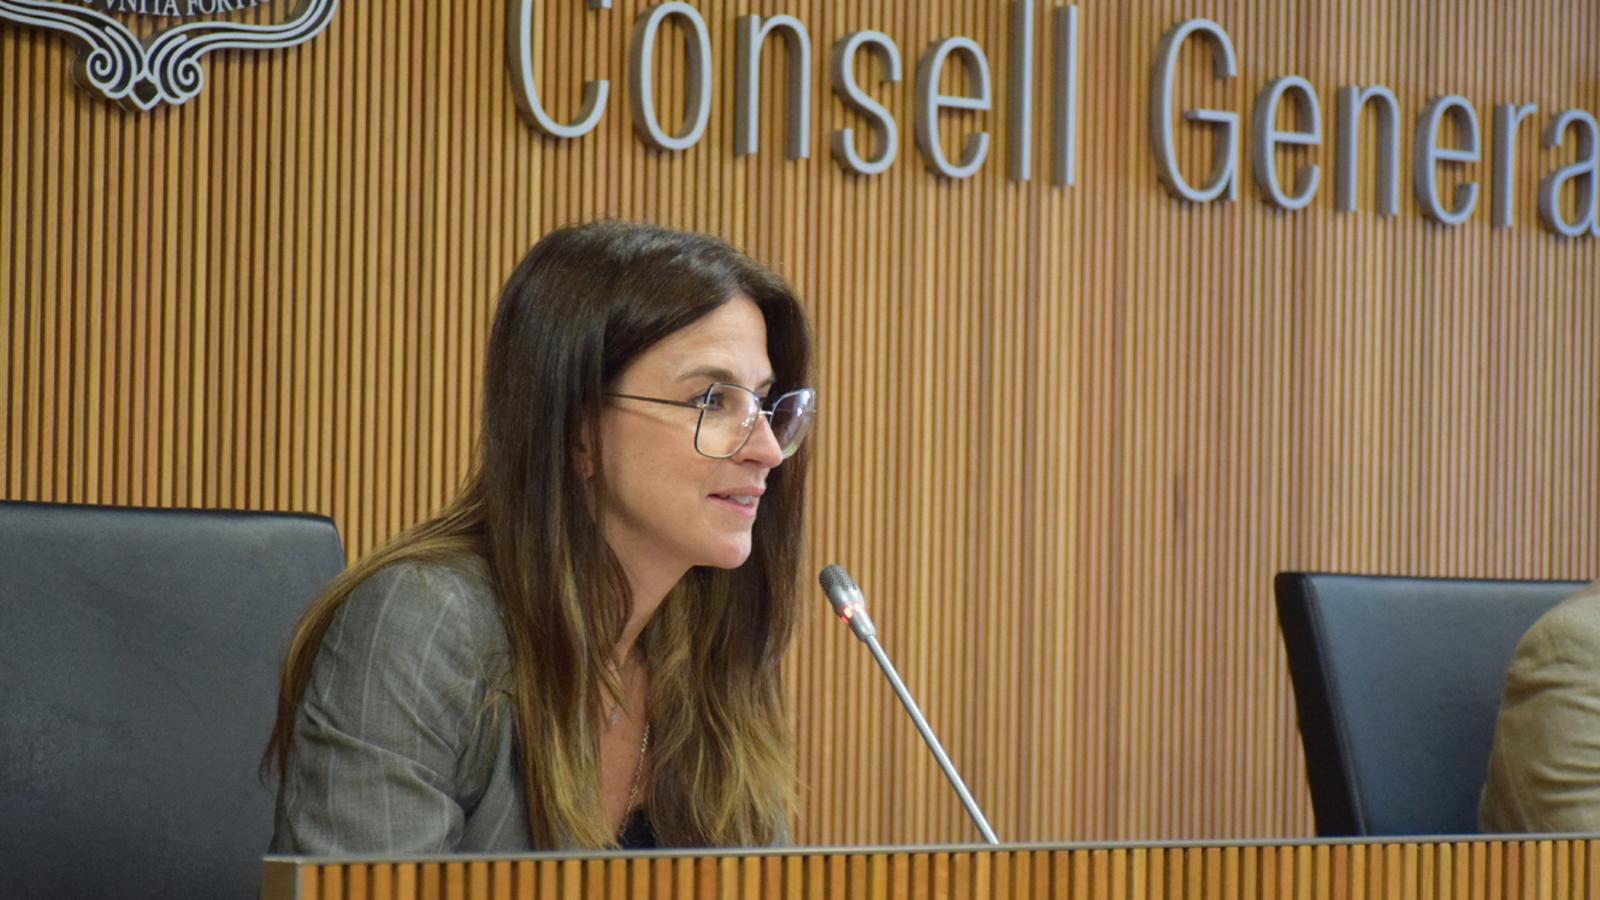 La ministra de Cultura i Esports, Sílvia Riva, durant la compareixença davant la comissió legislativa Comissió Legislativa d'Educació, Recerca, Cultura, Joventut i Esports